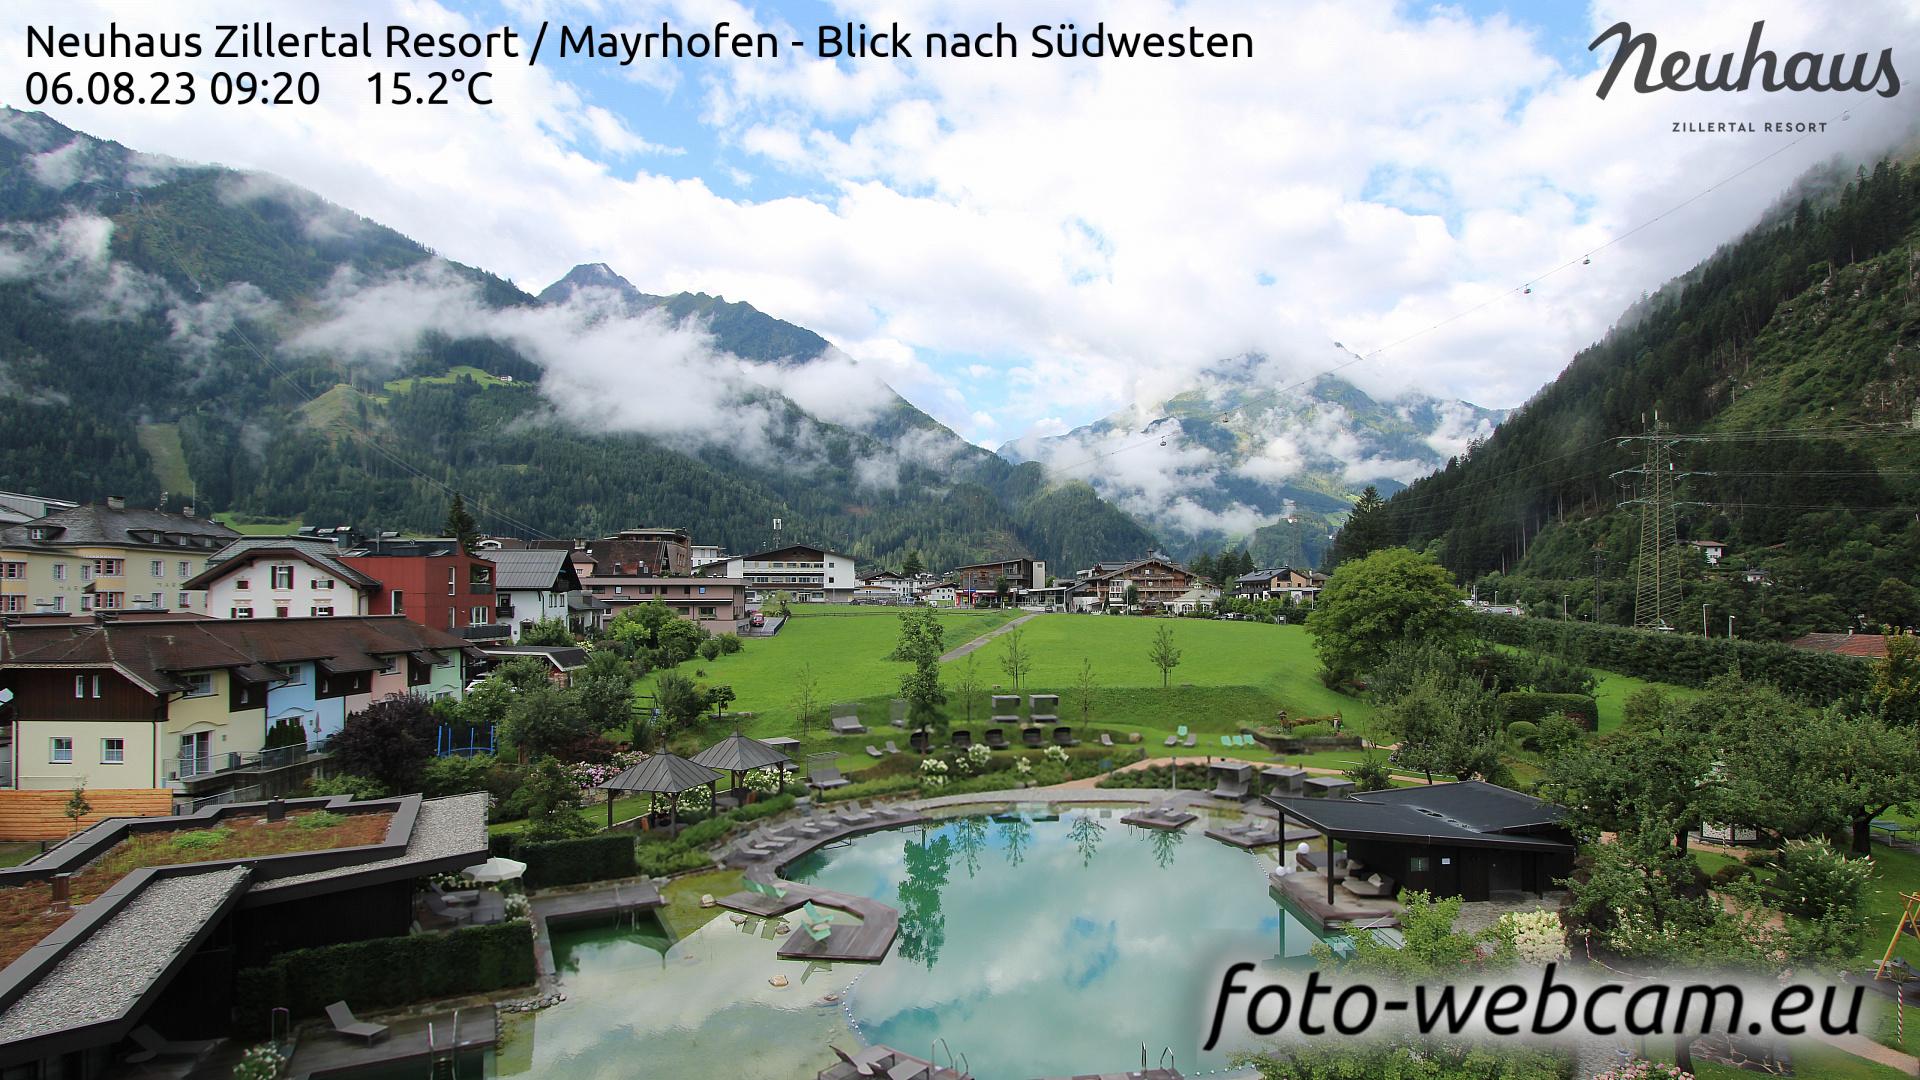 Mayrhofen Mon. 09:33